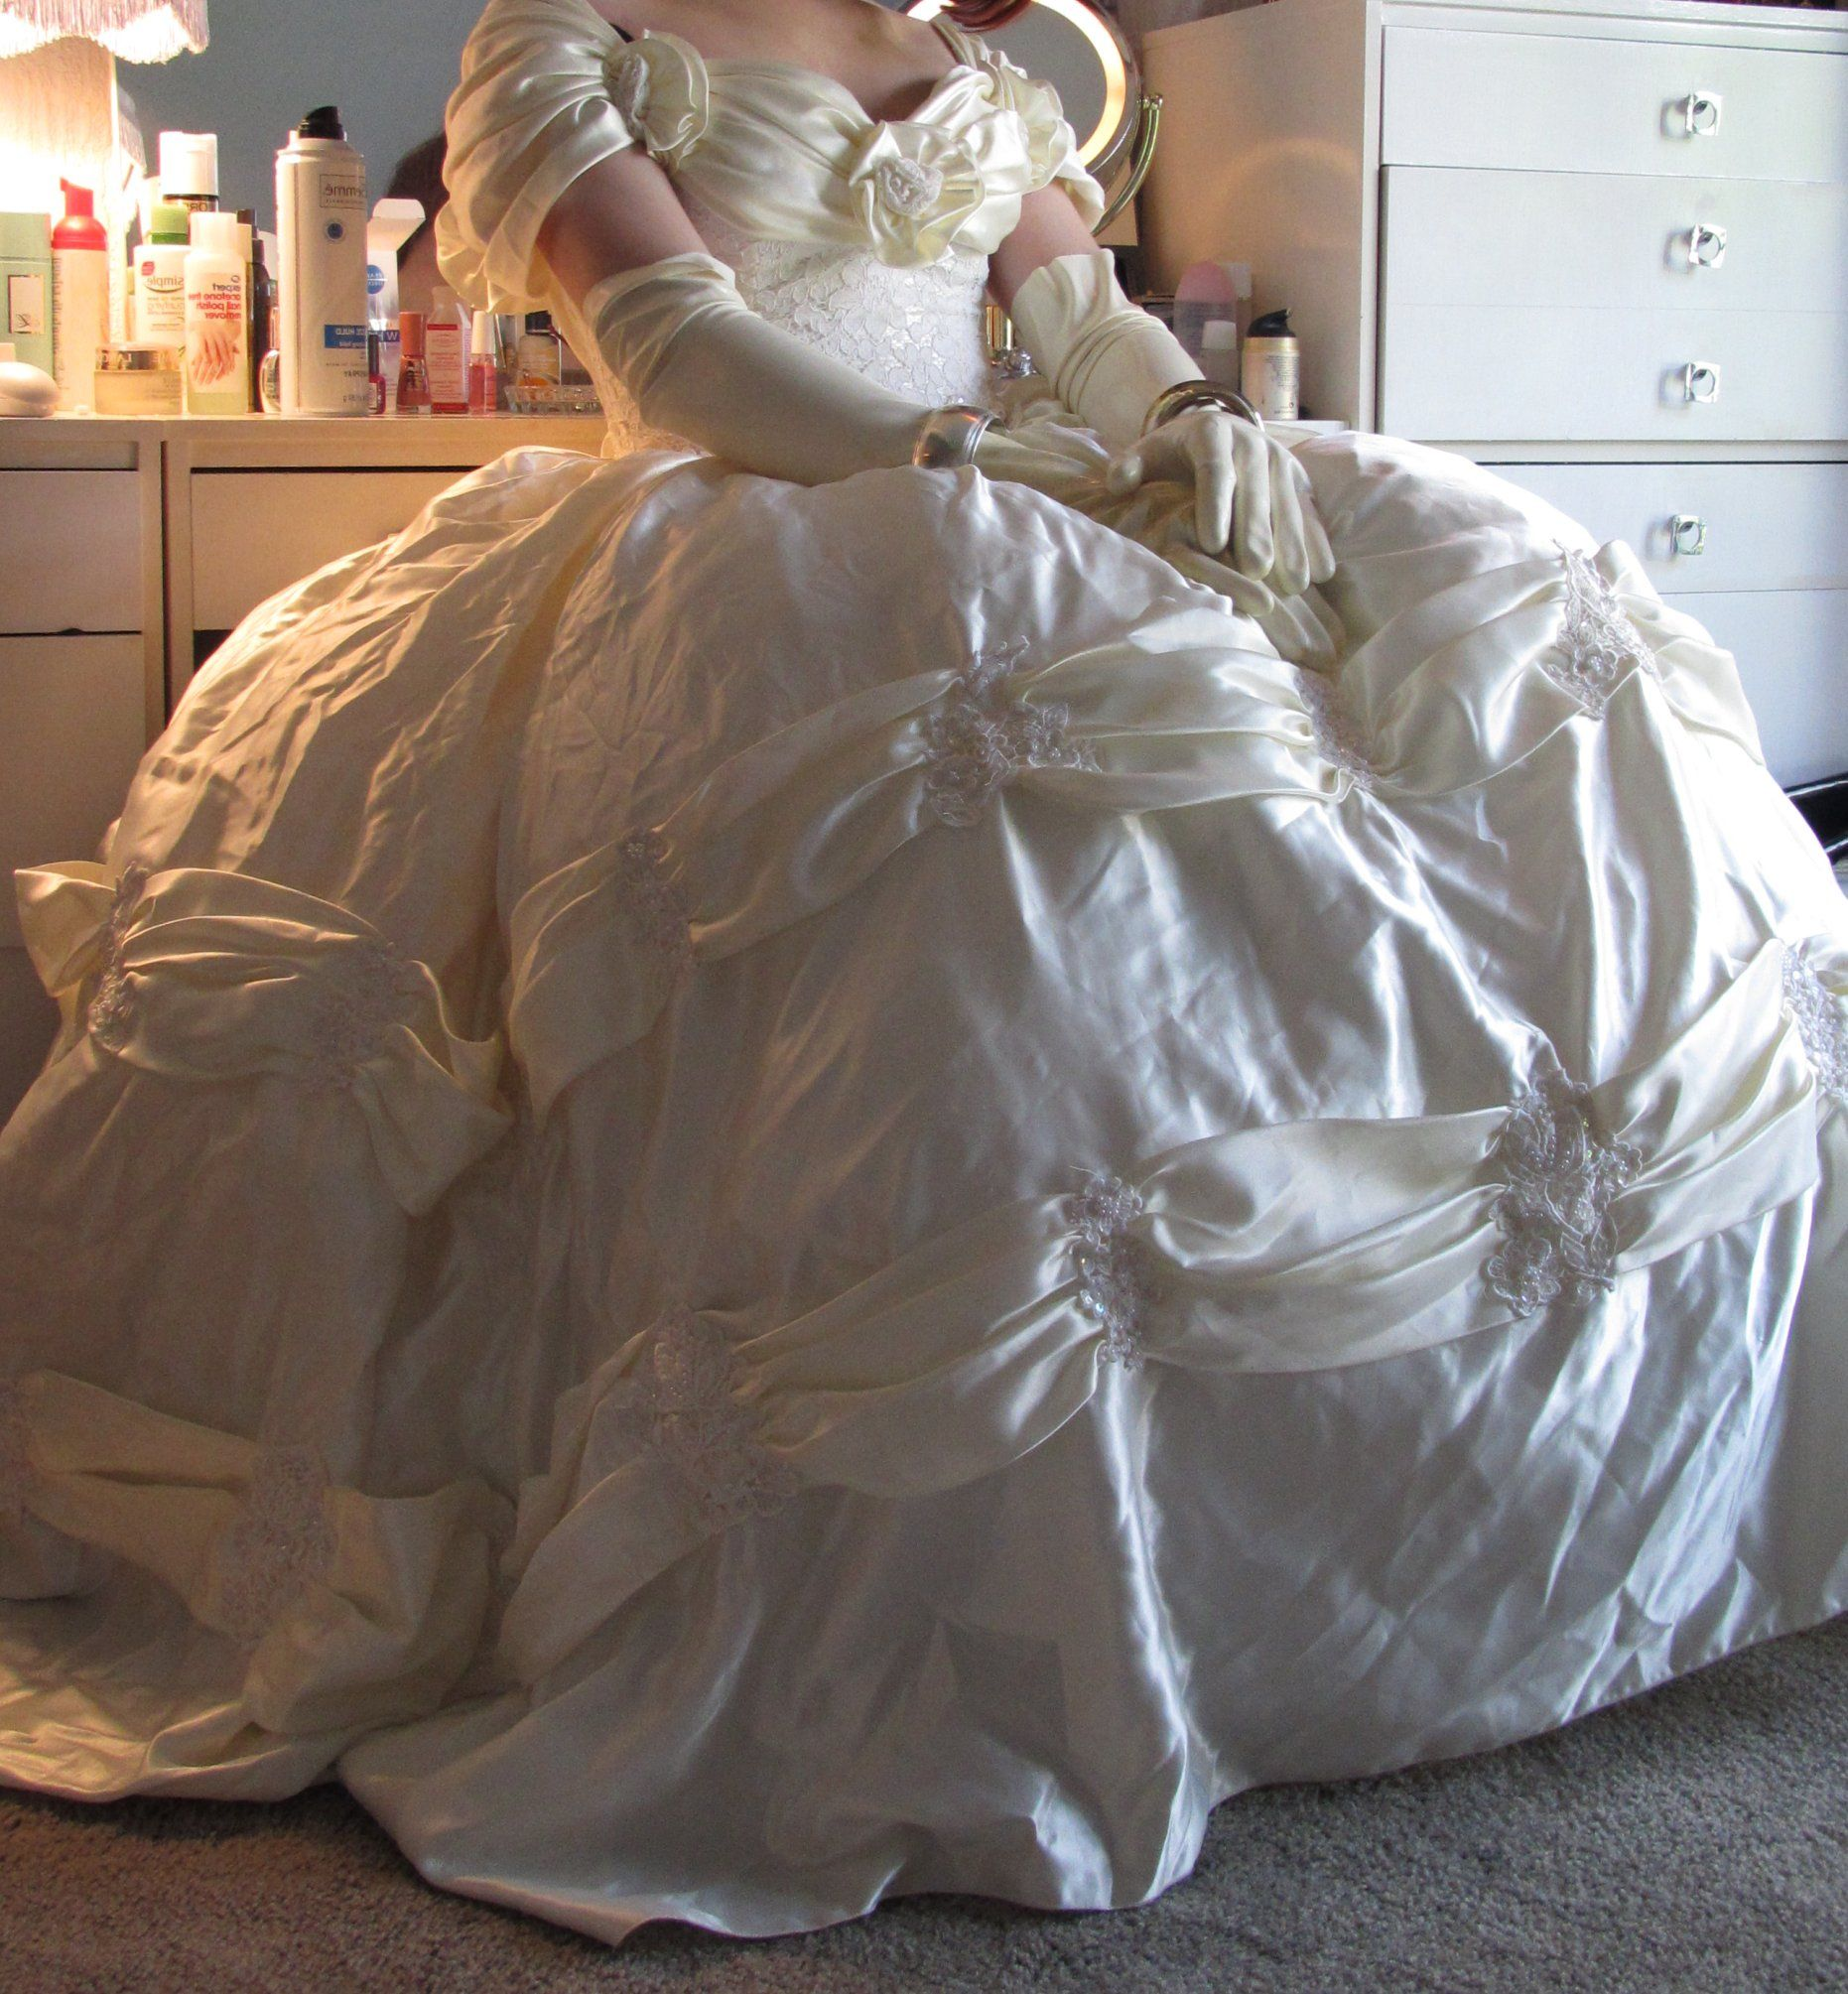 Связанная невеста фото, от укропа сиськи растут